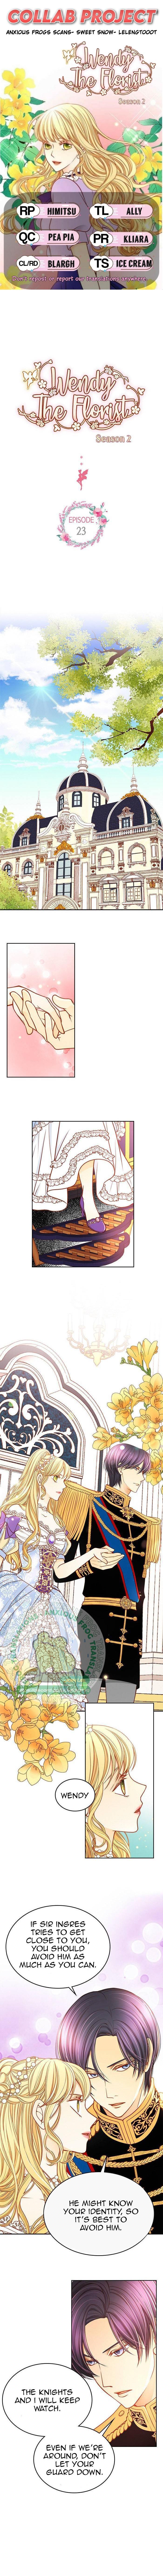 Wendy The Florist Chapter 64 page 2 - Mangakakalot